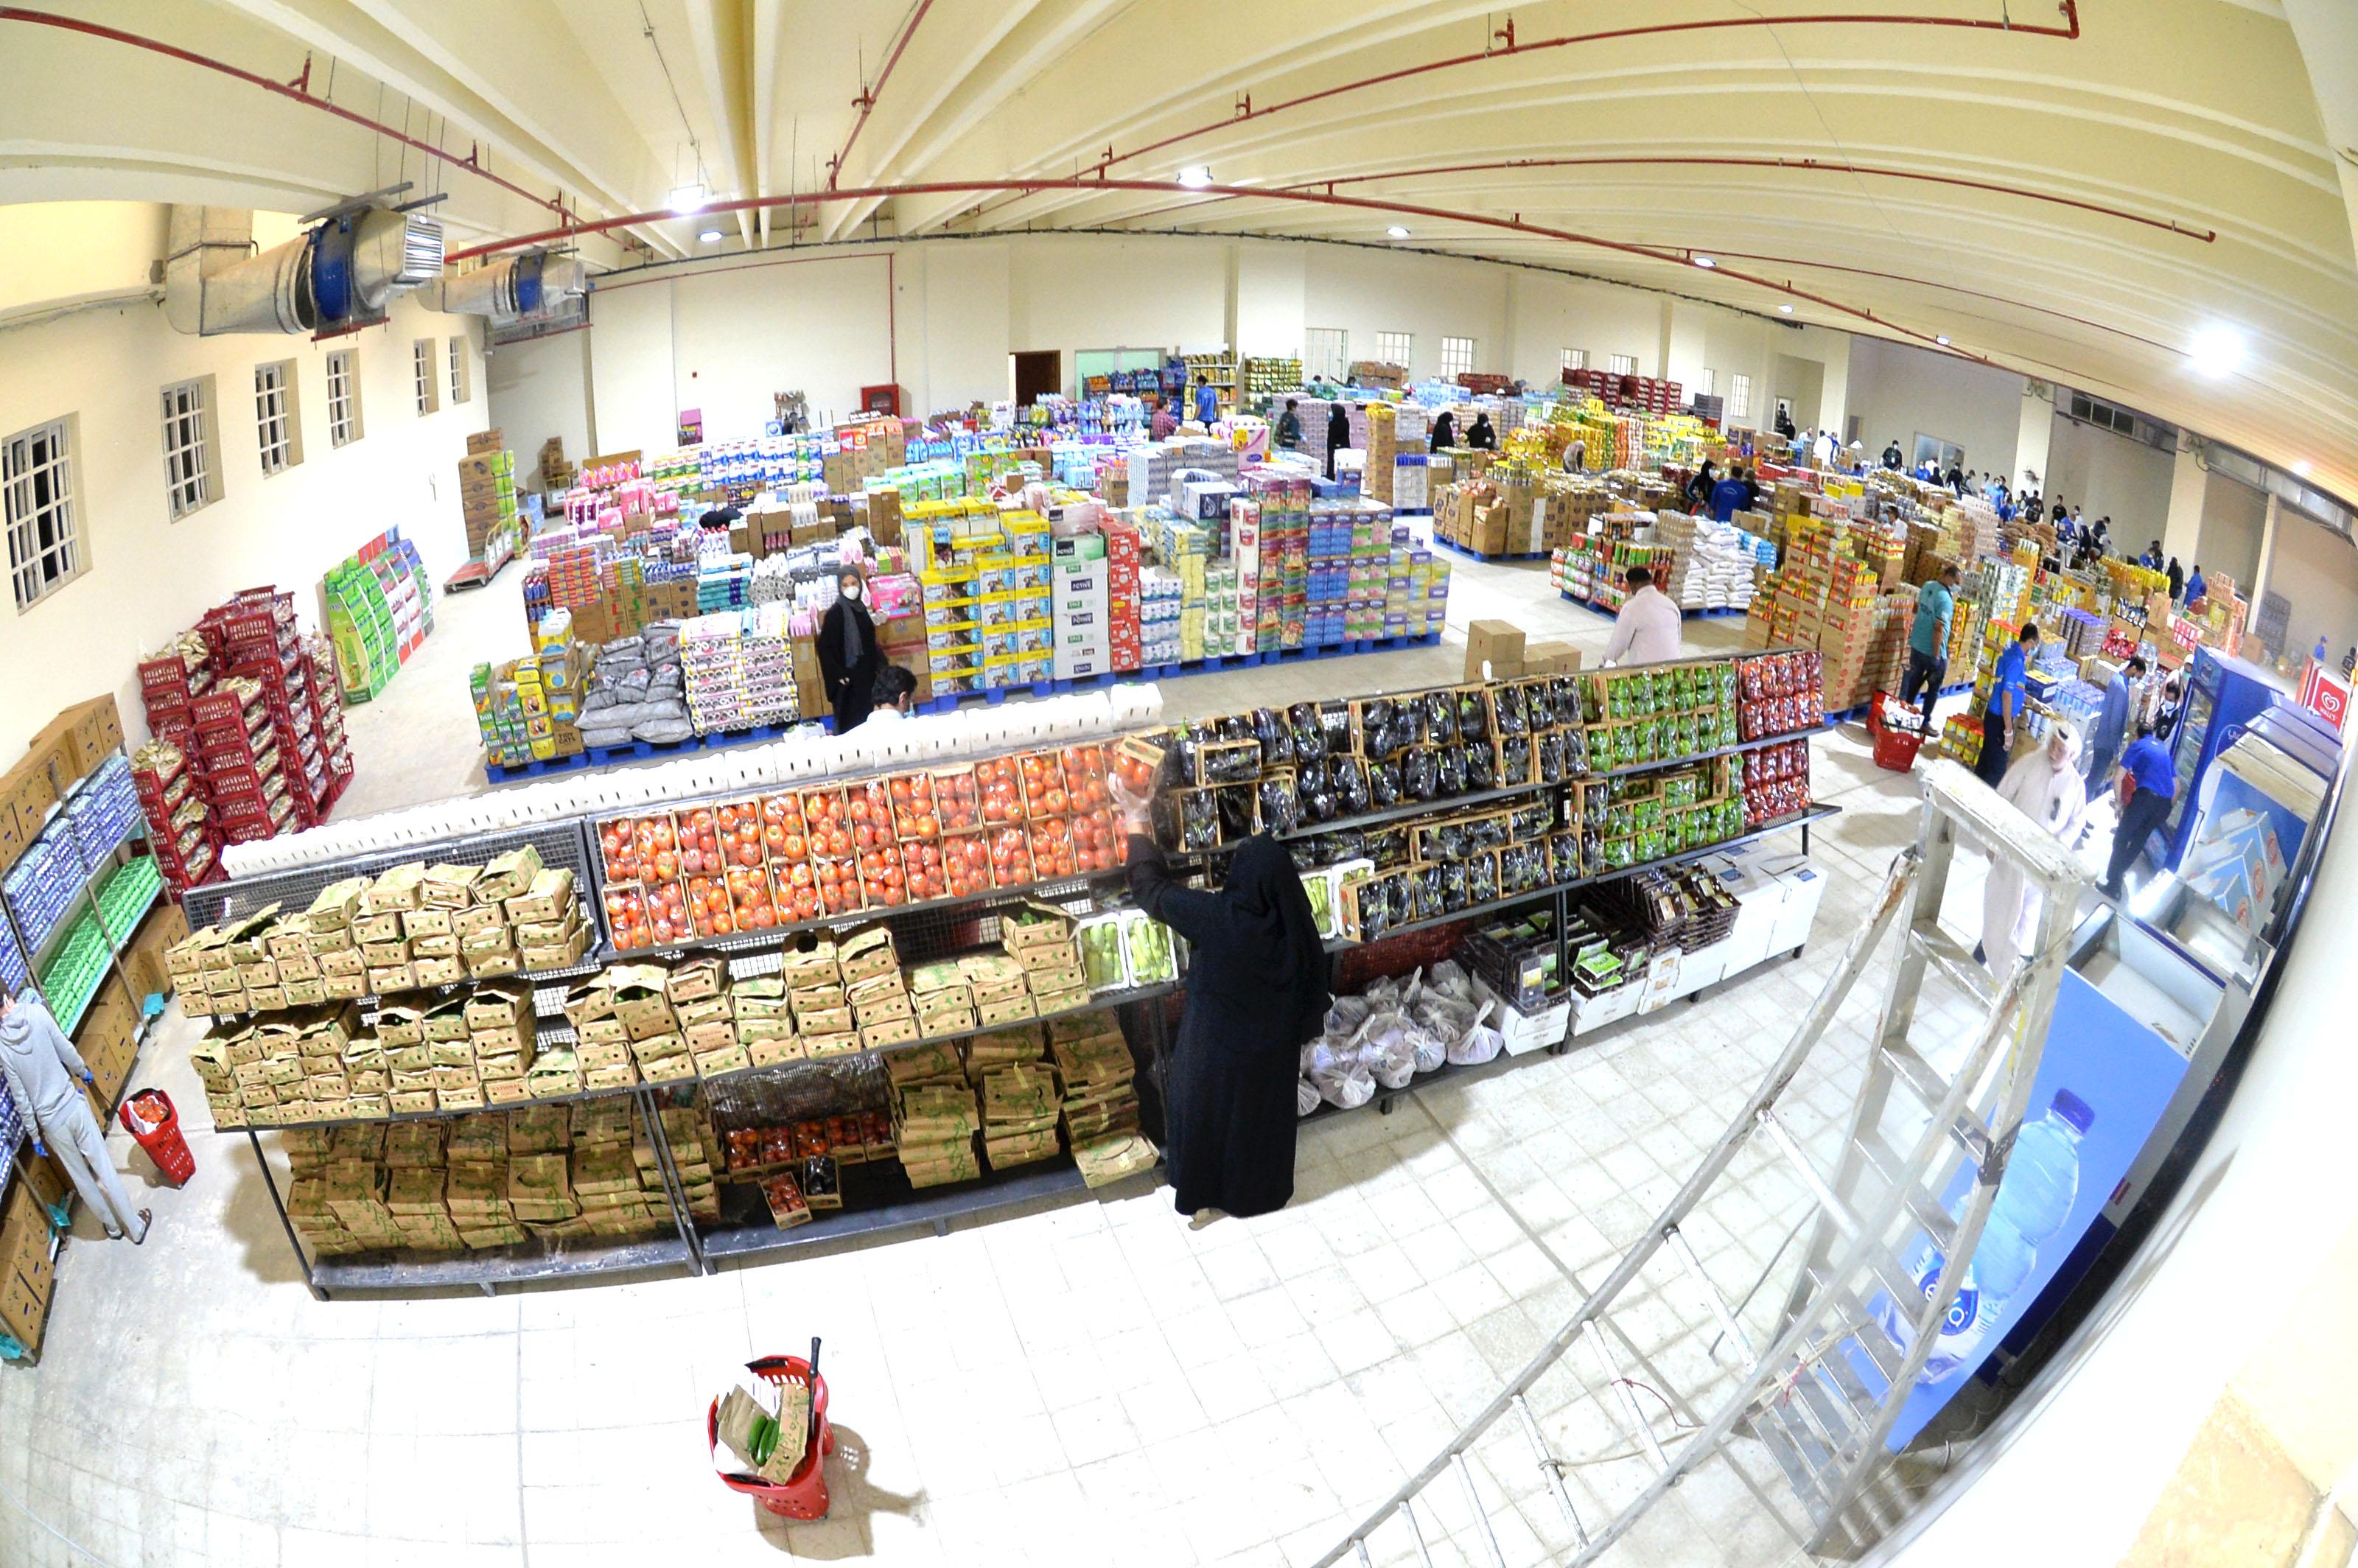 娃娃脸英文版歌�_科威特被封锁地区的居民:终于可以物了!吃货驯夫奔张湖北